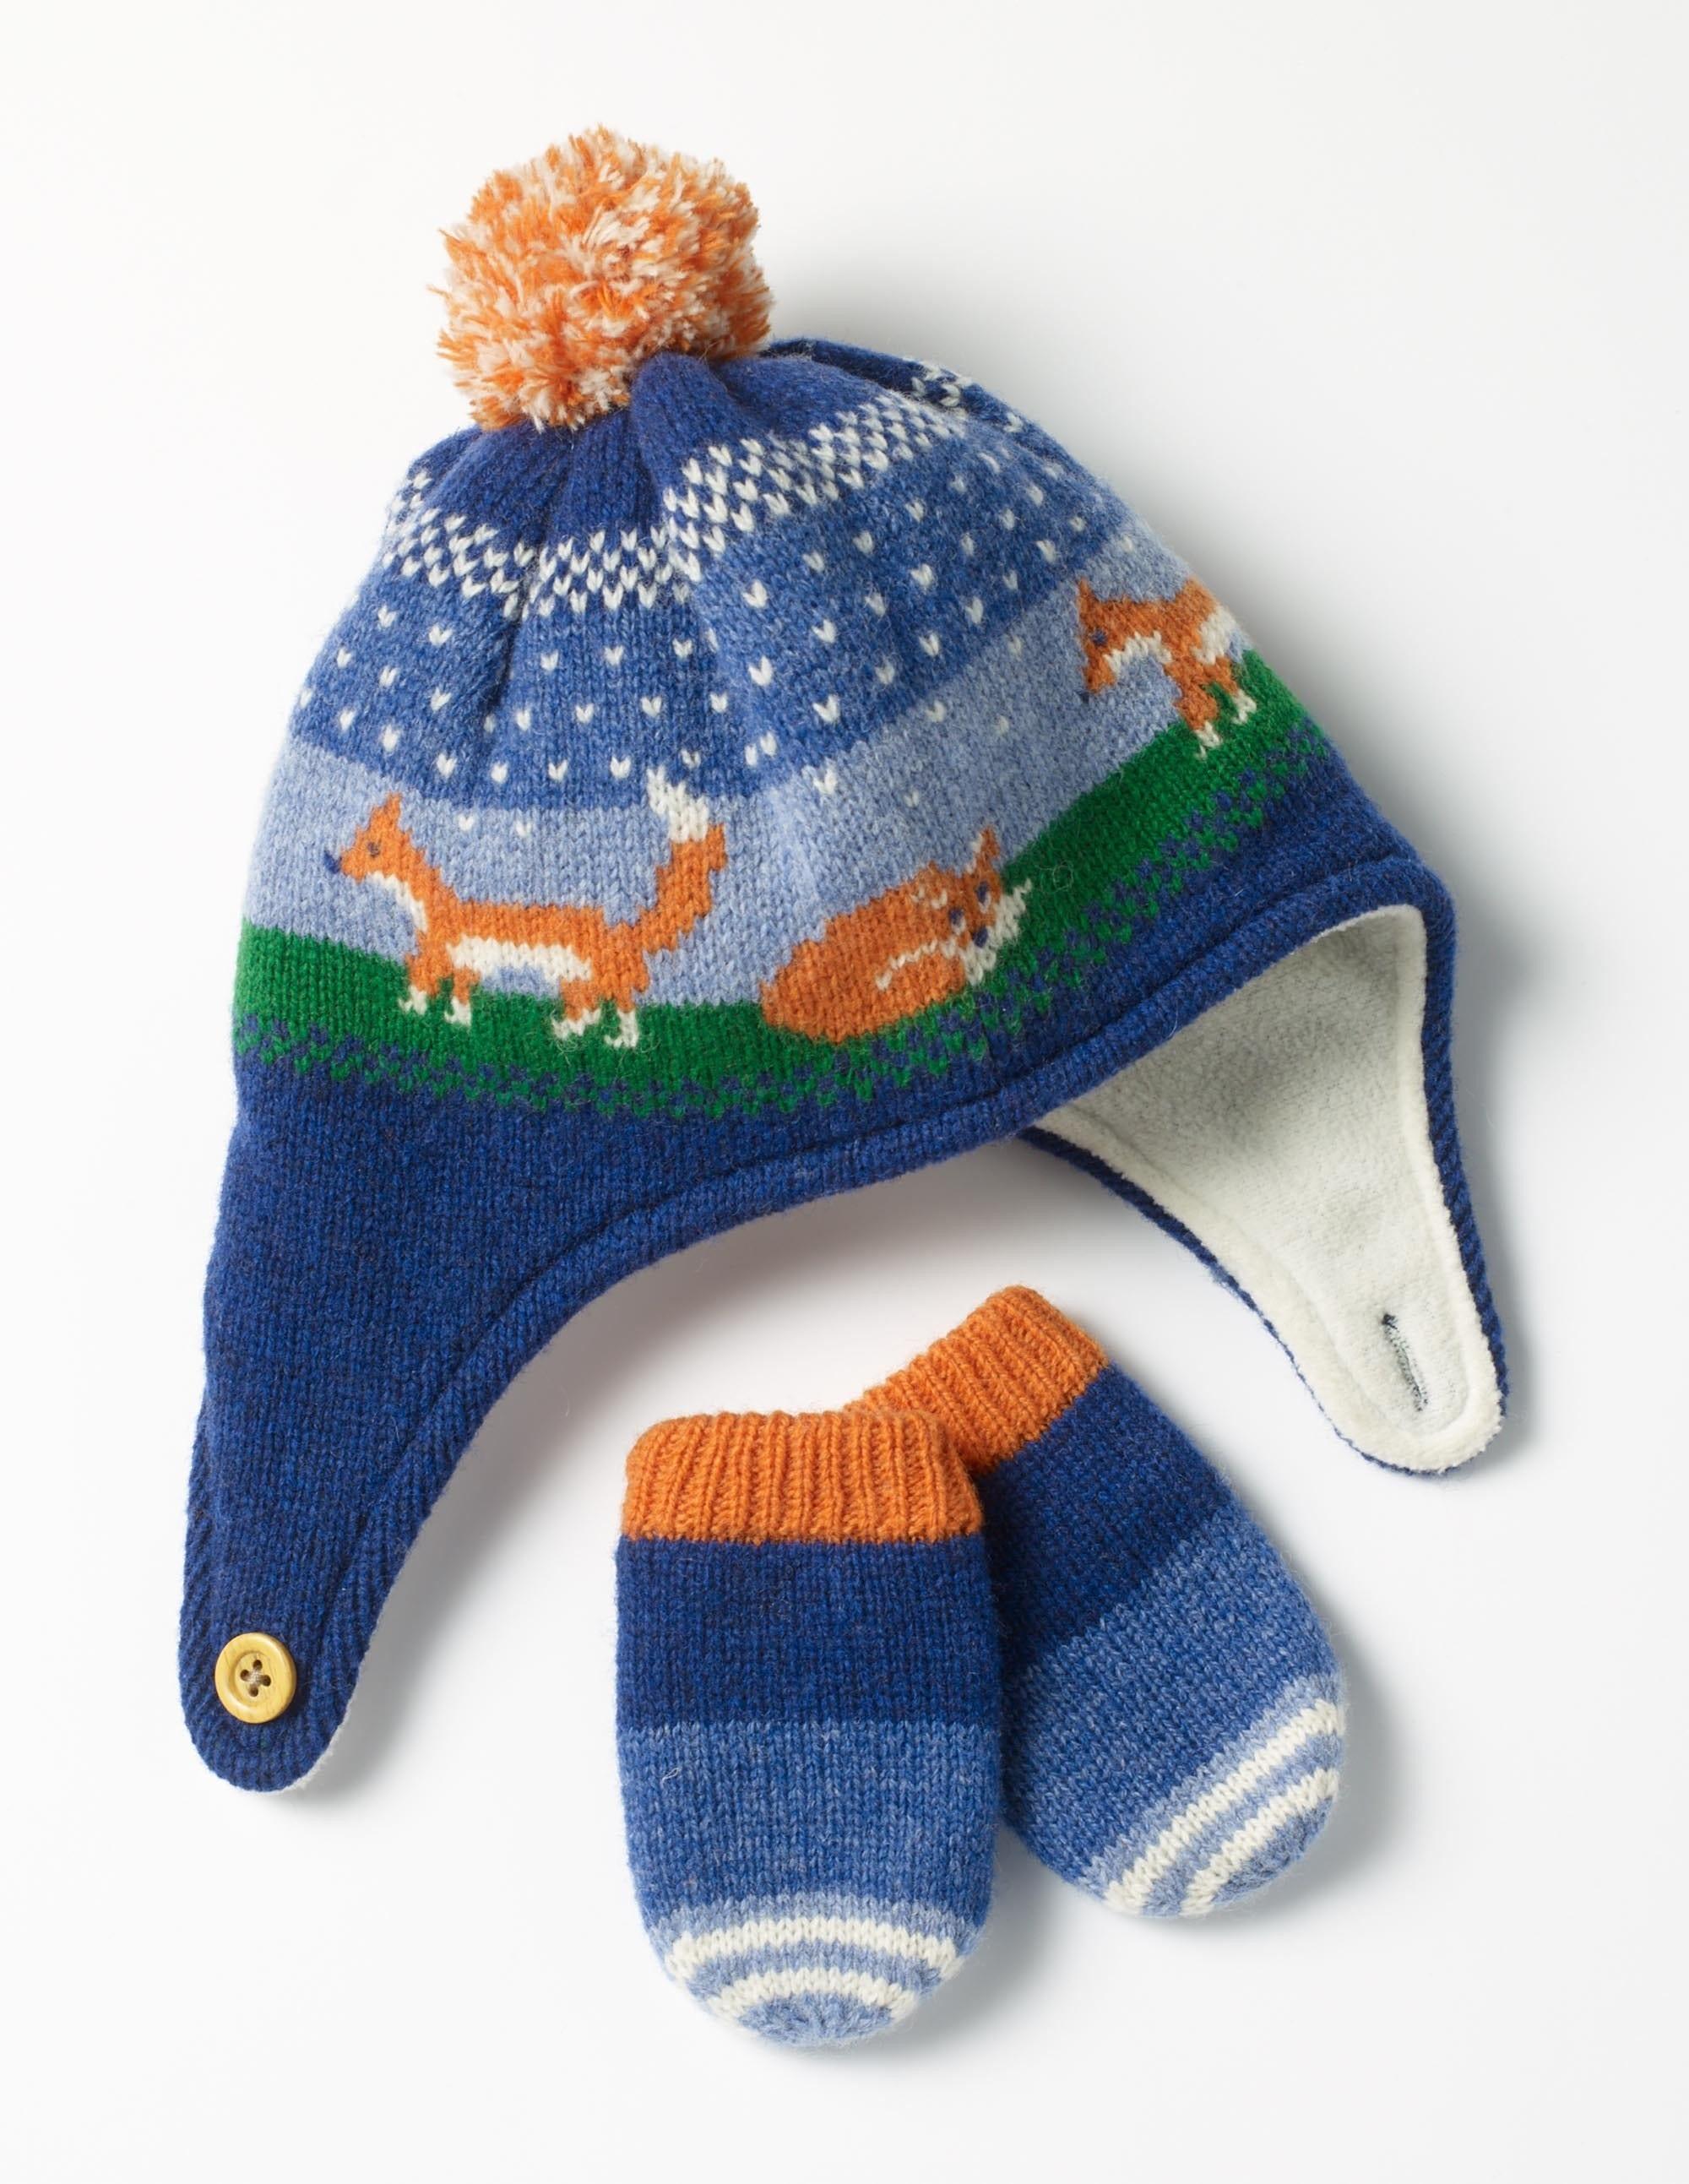 Bonnet et moufles en laine d'agneau Bleu Denim Renard Bébé Boden